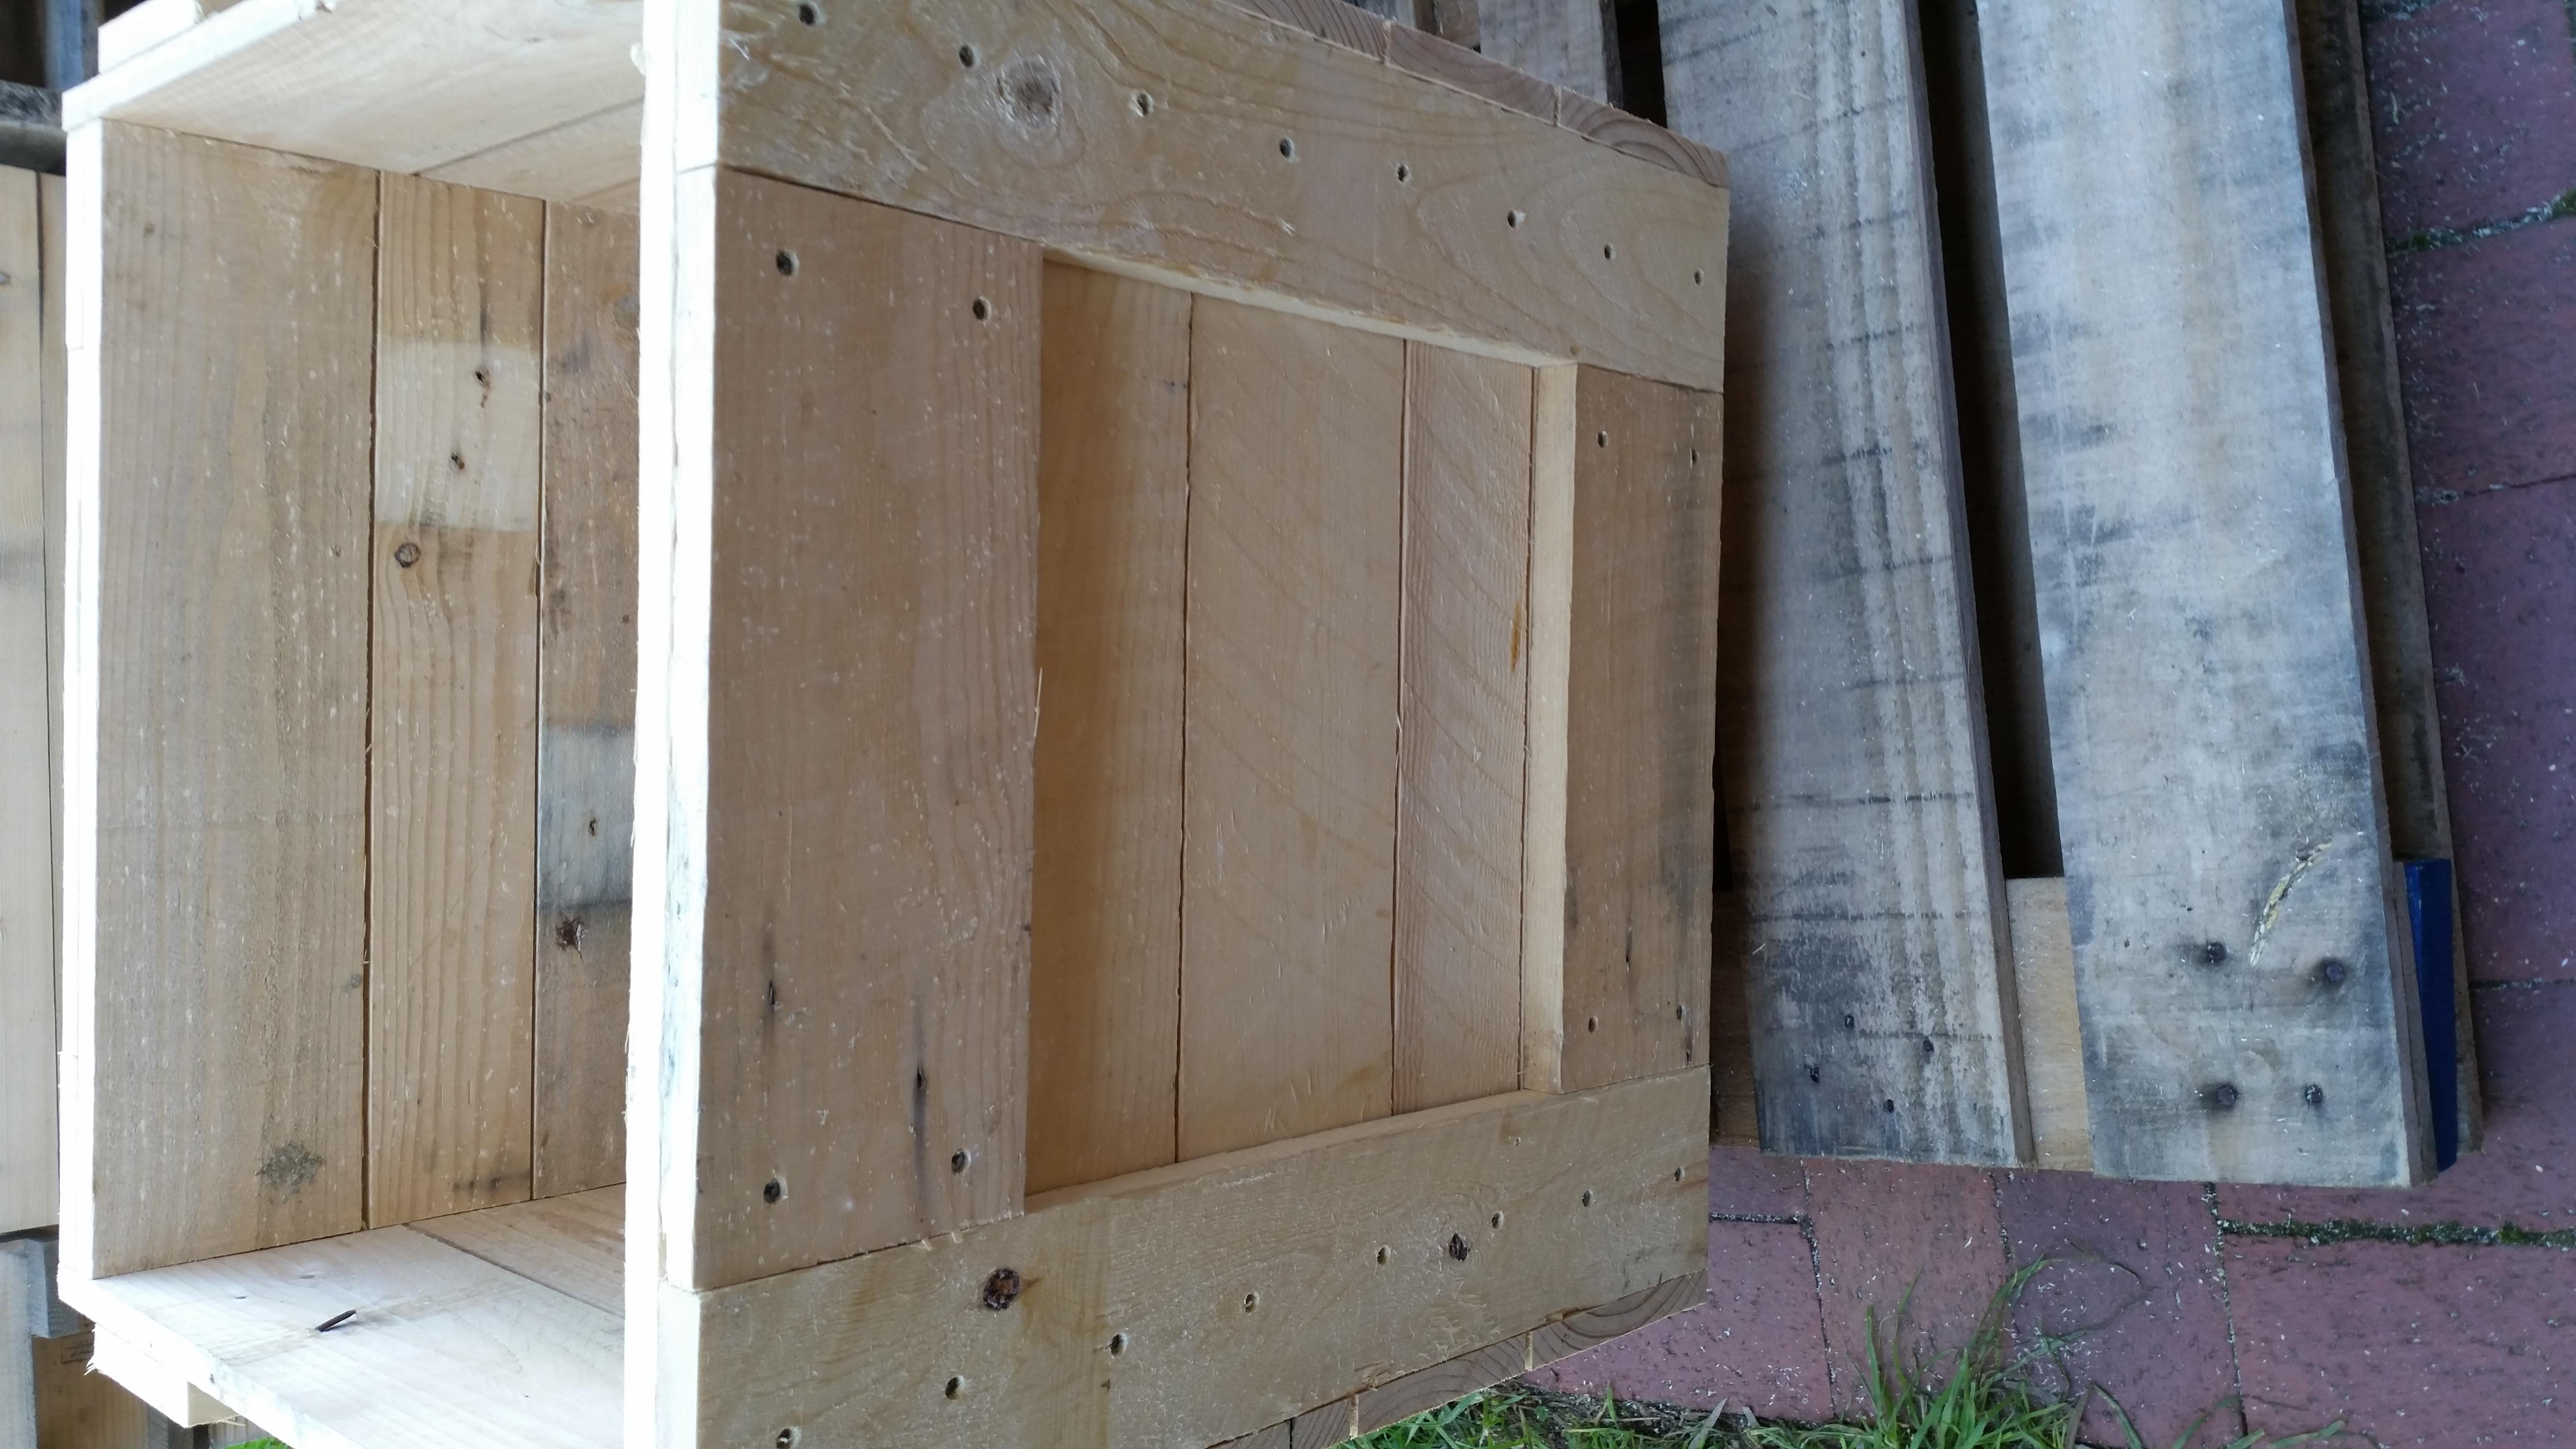 Replica Transport Crate Planter Boxe